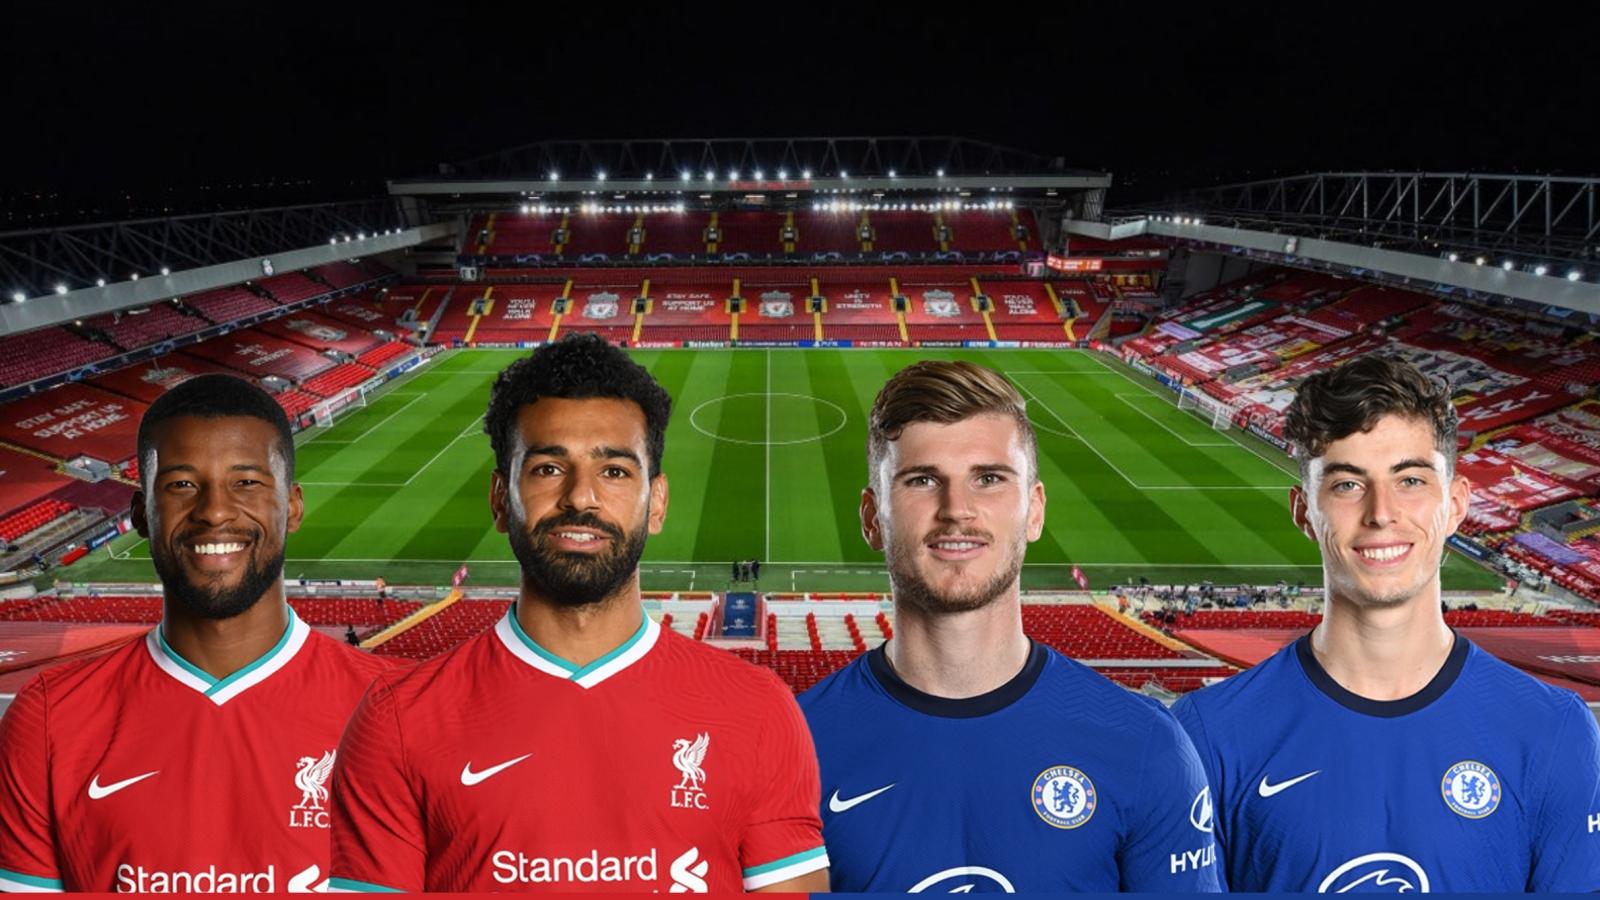 Dự đoán tỷ số, đội hình xuất phát trận Liverpool - Chelsea